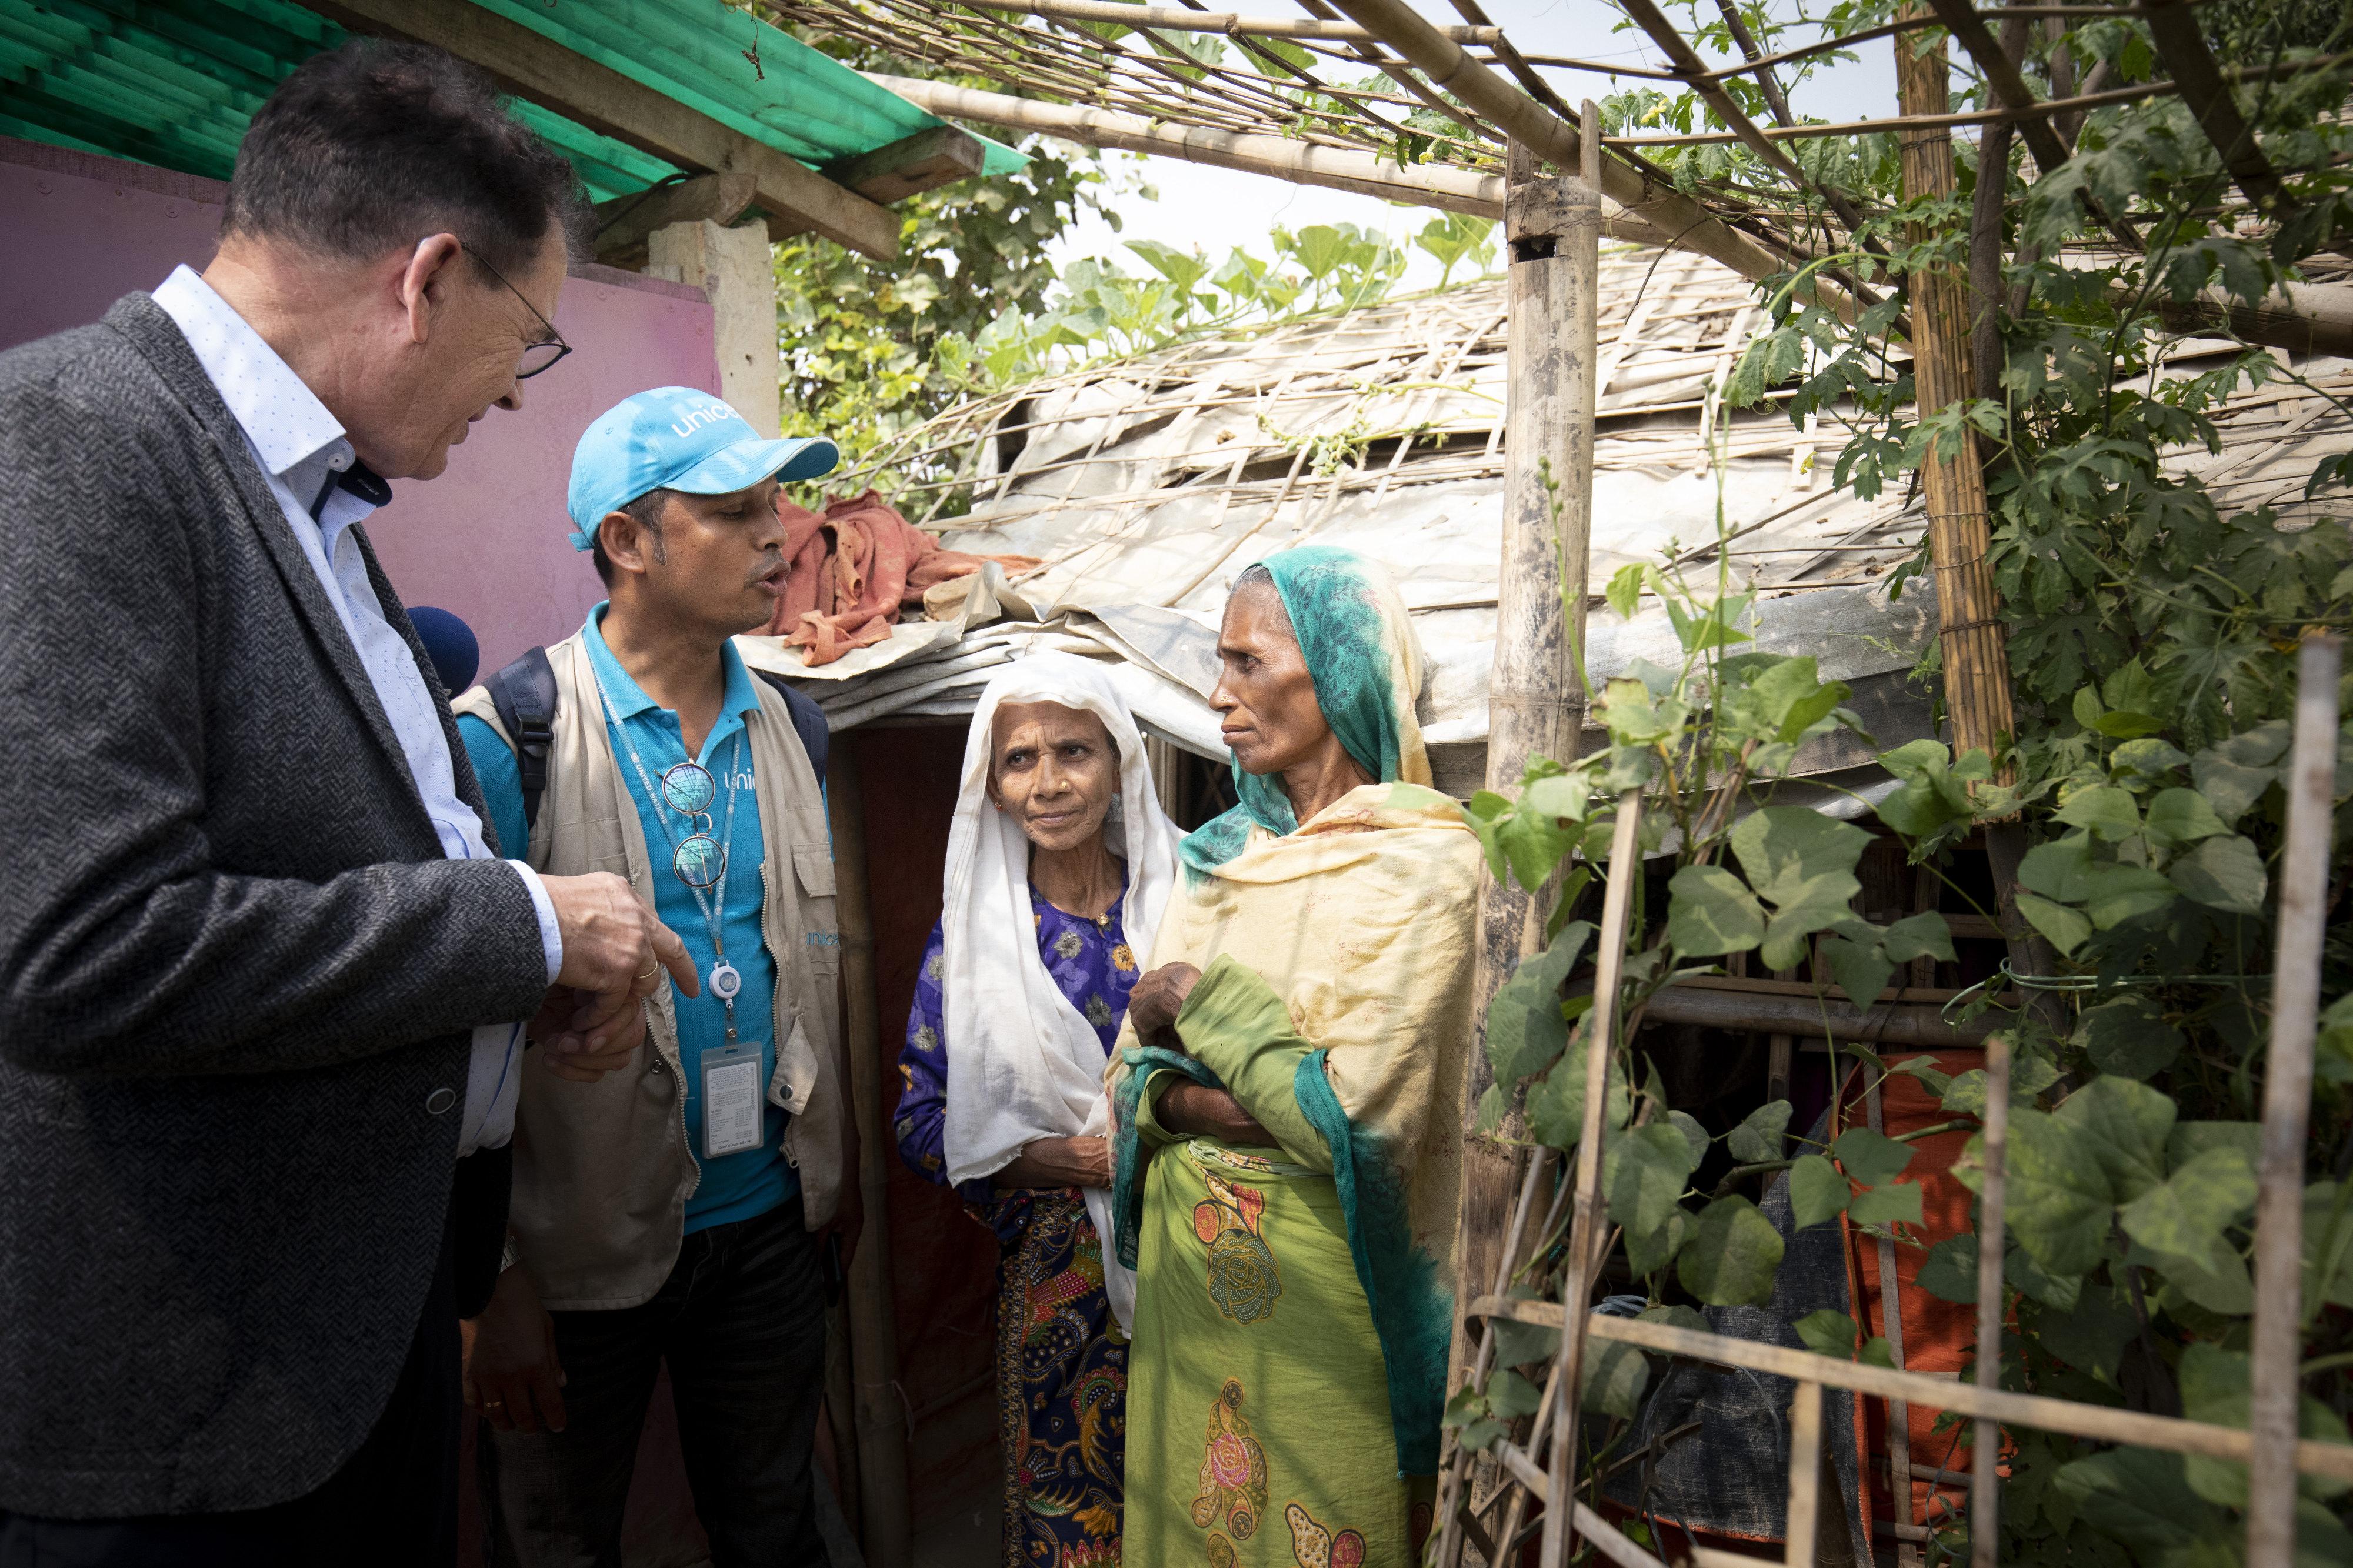 Bundesentwicklungsminister Gerd Müller beim Besuch des Flüchtlingslagers Kutupalong in Cox Bazar, Bangladesch. Dort leben rund 800.000 Mitglieder der Rohingya, die aus Myanmar geflohen sind oder vertrieben wurden.